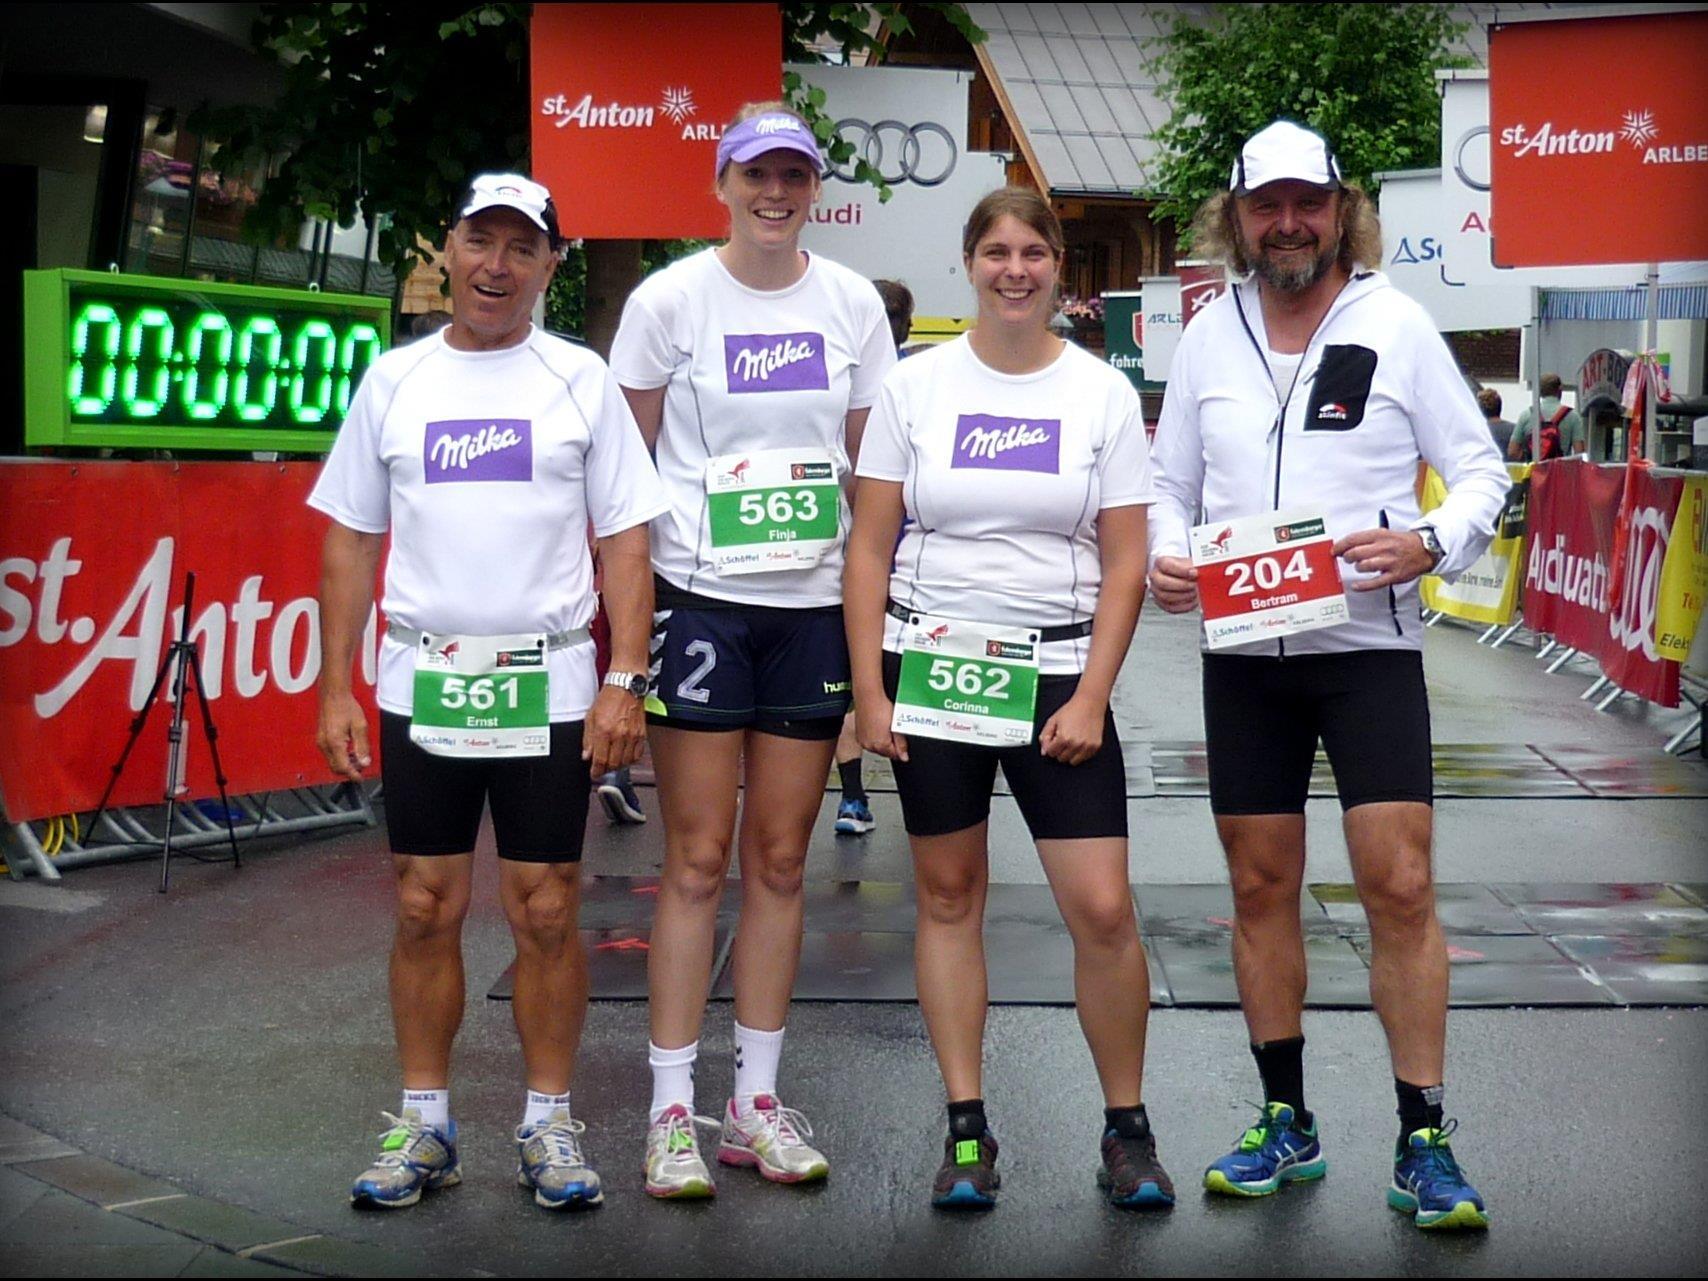 Alle Jahre wieder - die Milka Läufer beim Arlberger Jakobilauf.